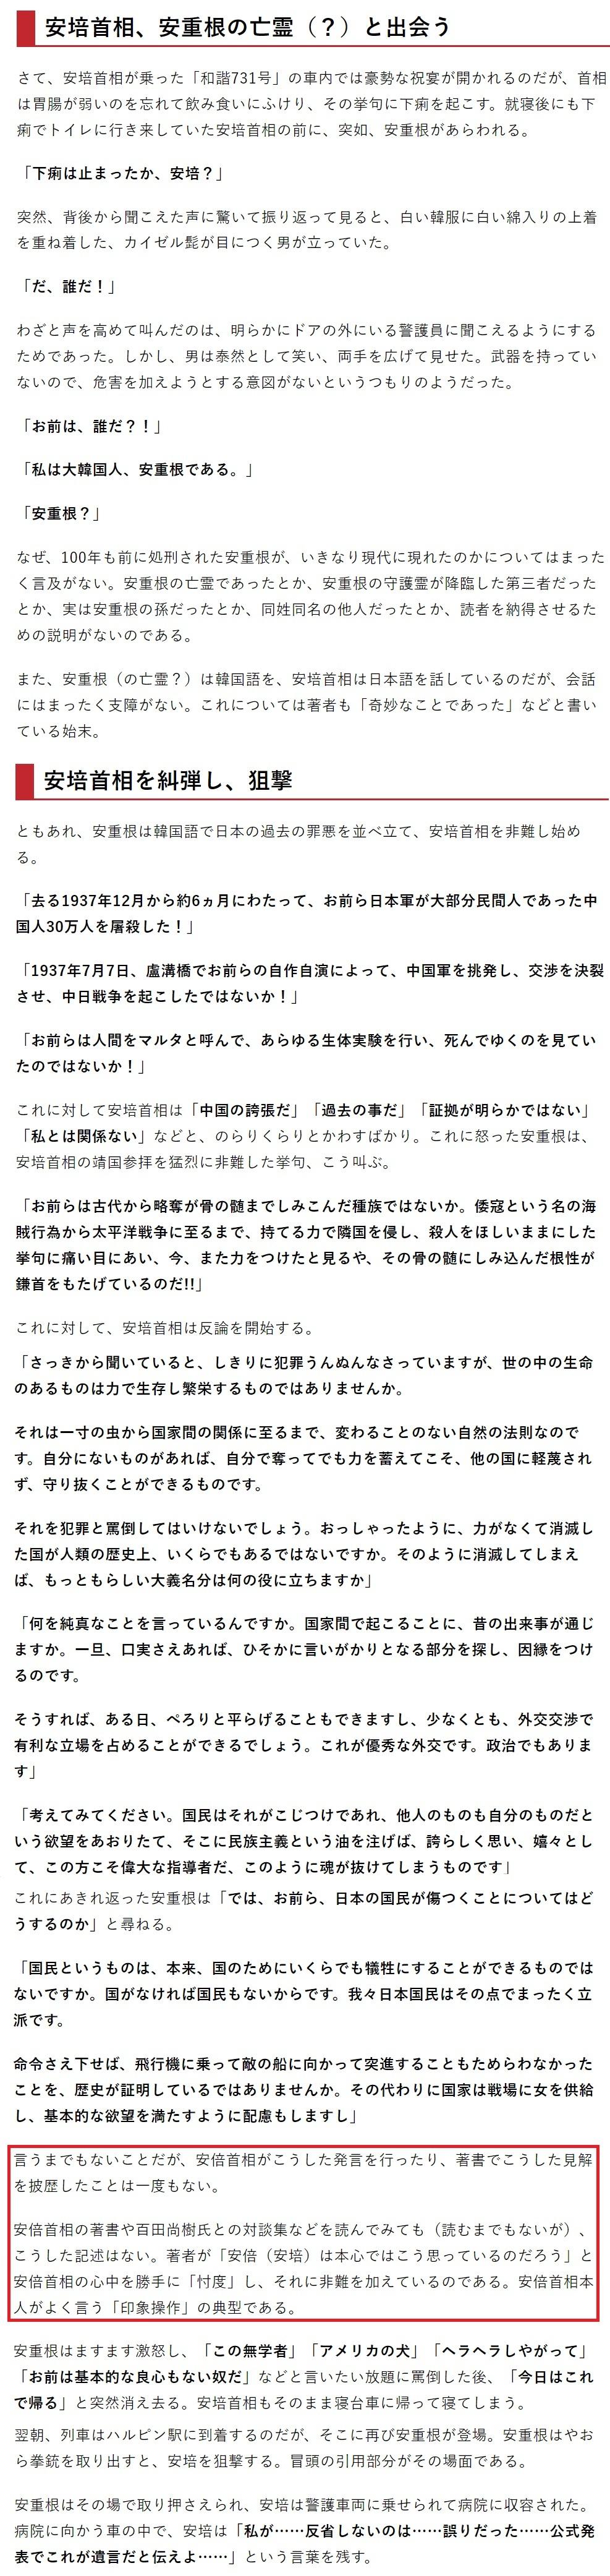 朝鮮人の願望と妄想まみれの安倍暗殺本2